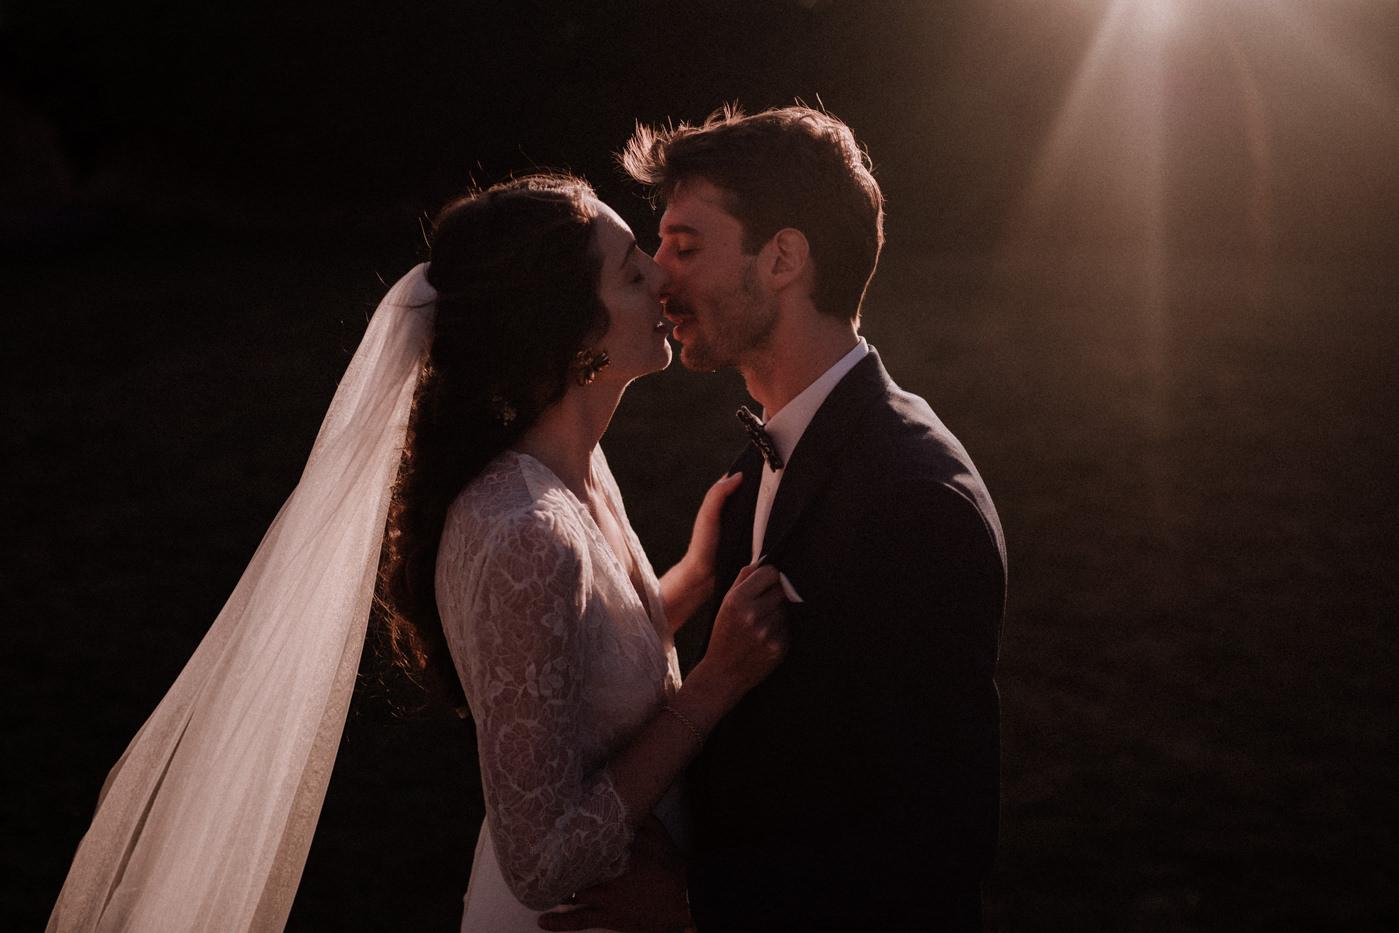 Lika Banshoya | Une photographe de mariages poétqiues et d'amoureux atypiques | La Mariée Sous Les Etoiles